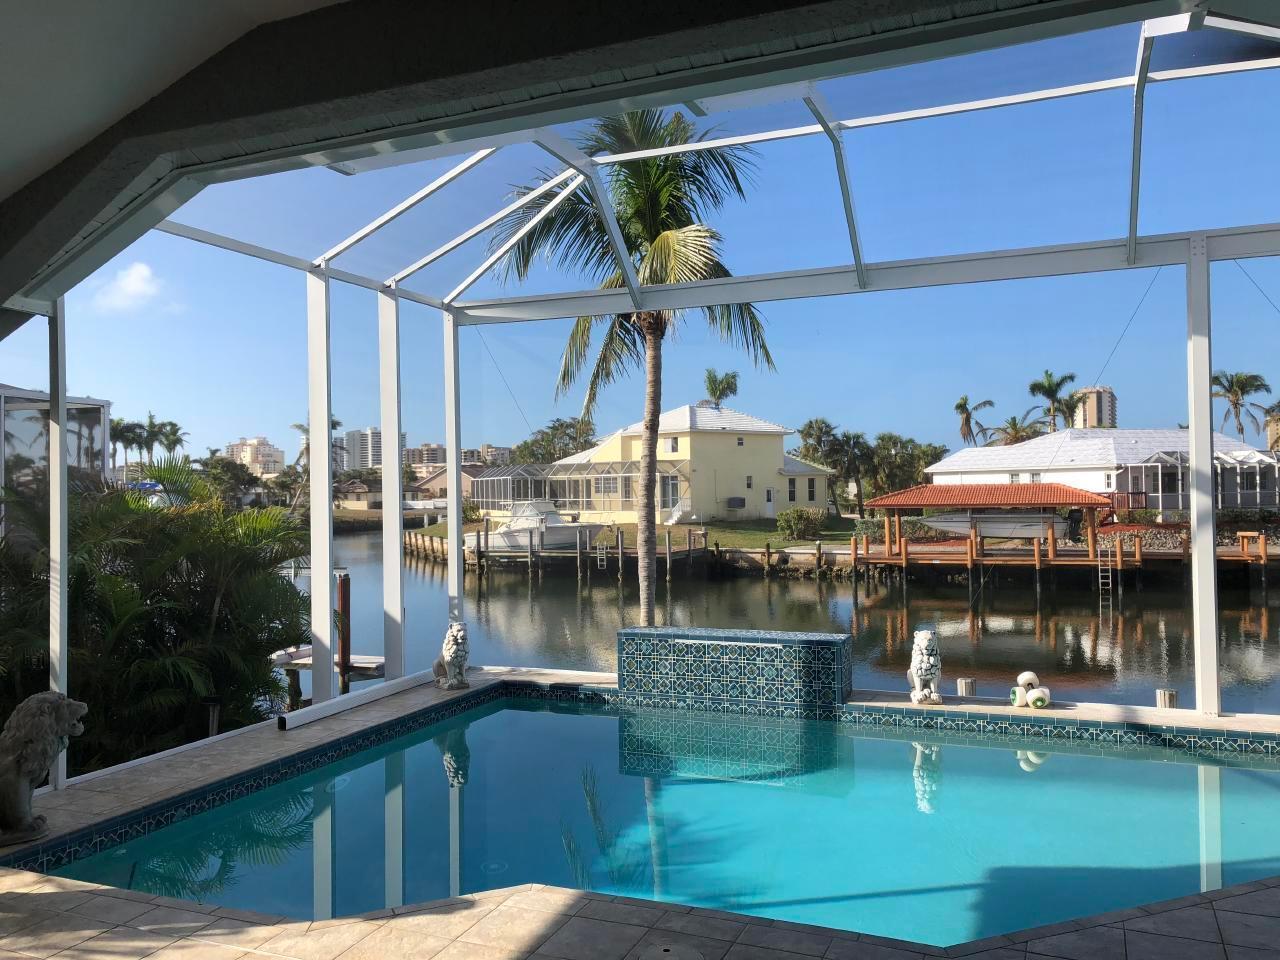 Private Villa für 6 Personen (Golf von Mexiko  in Nordamerika